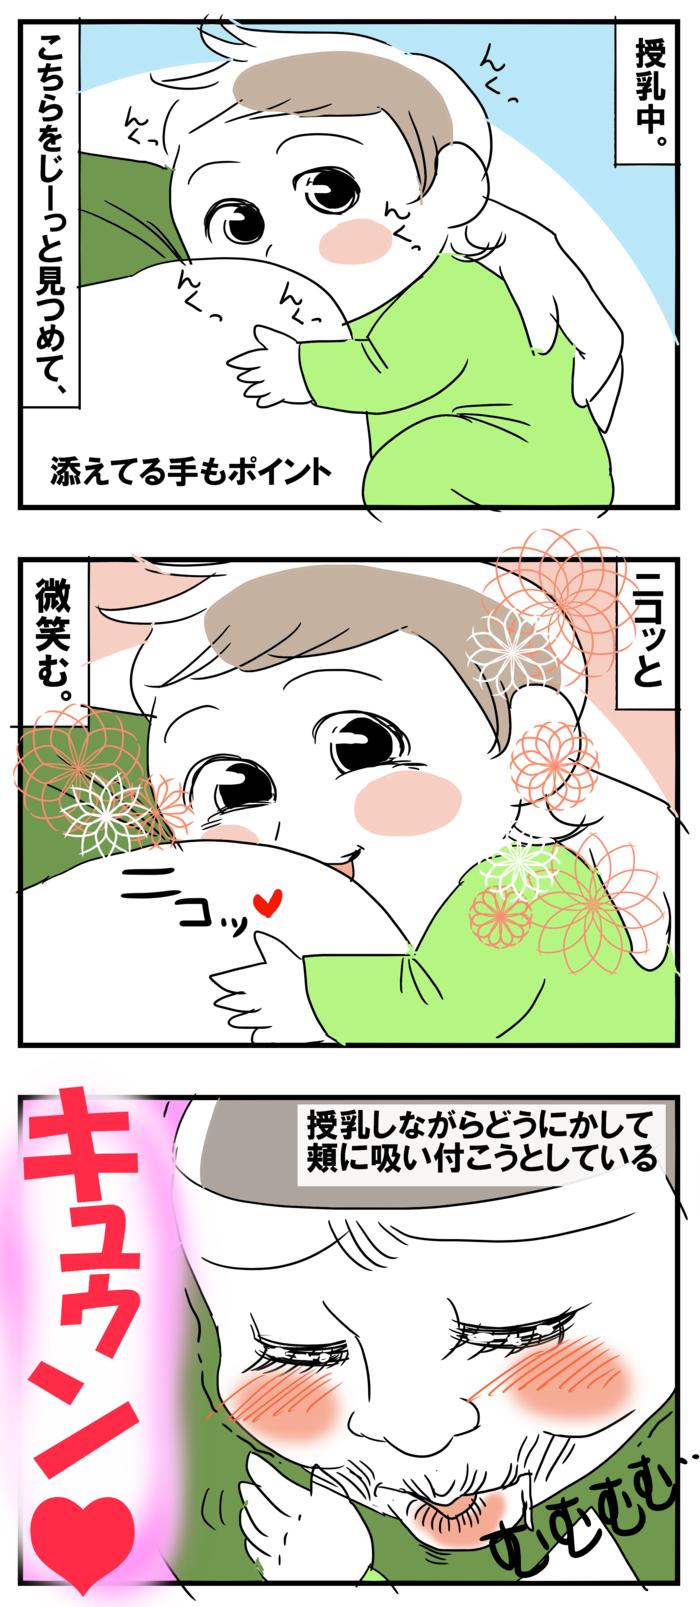 赤ちゃんのしぐさが、たまらなく可愛すぎて「最高のご褒美」だった瞬間3選の画像2